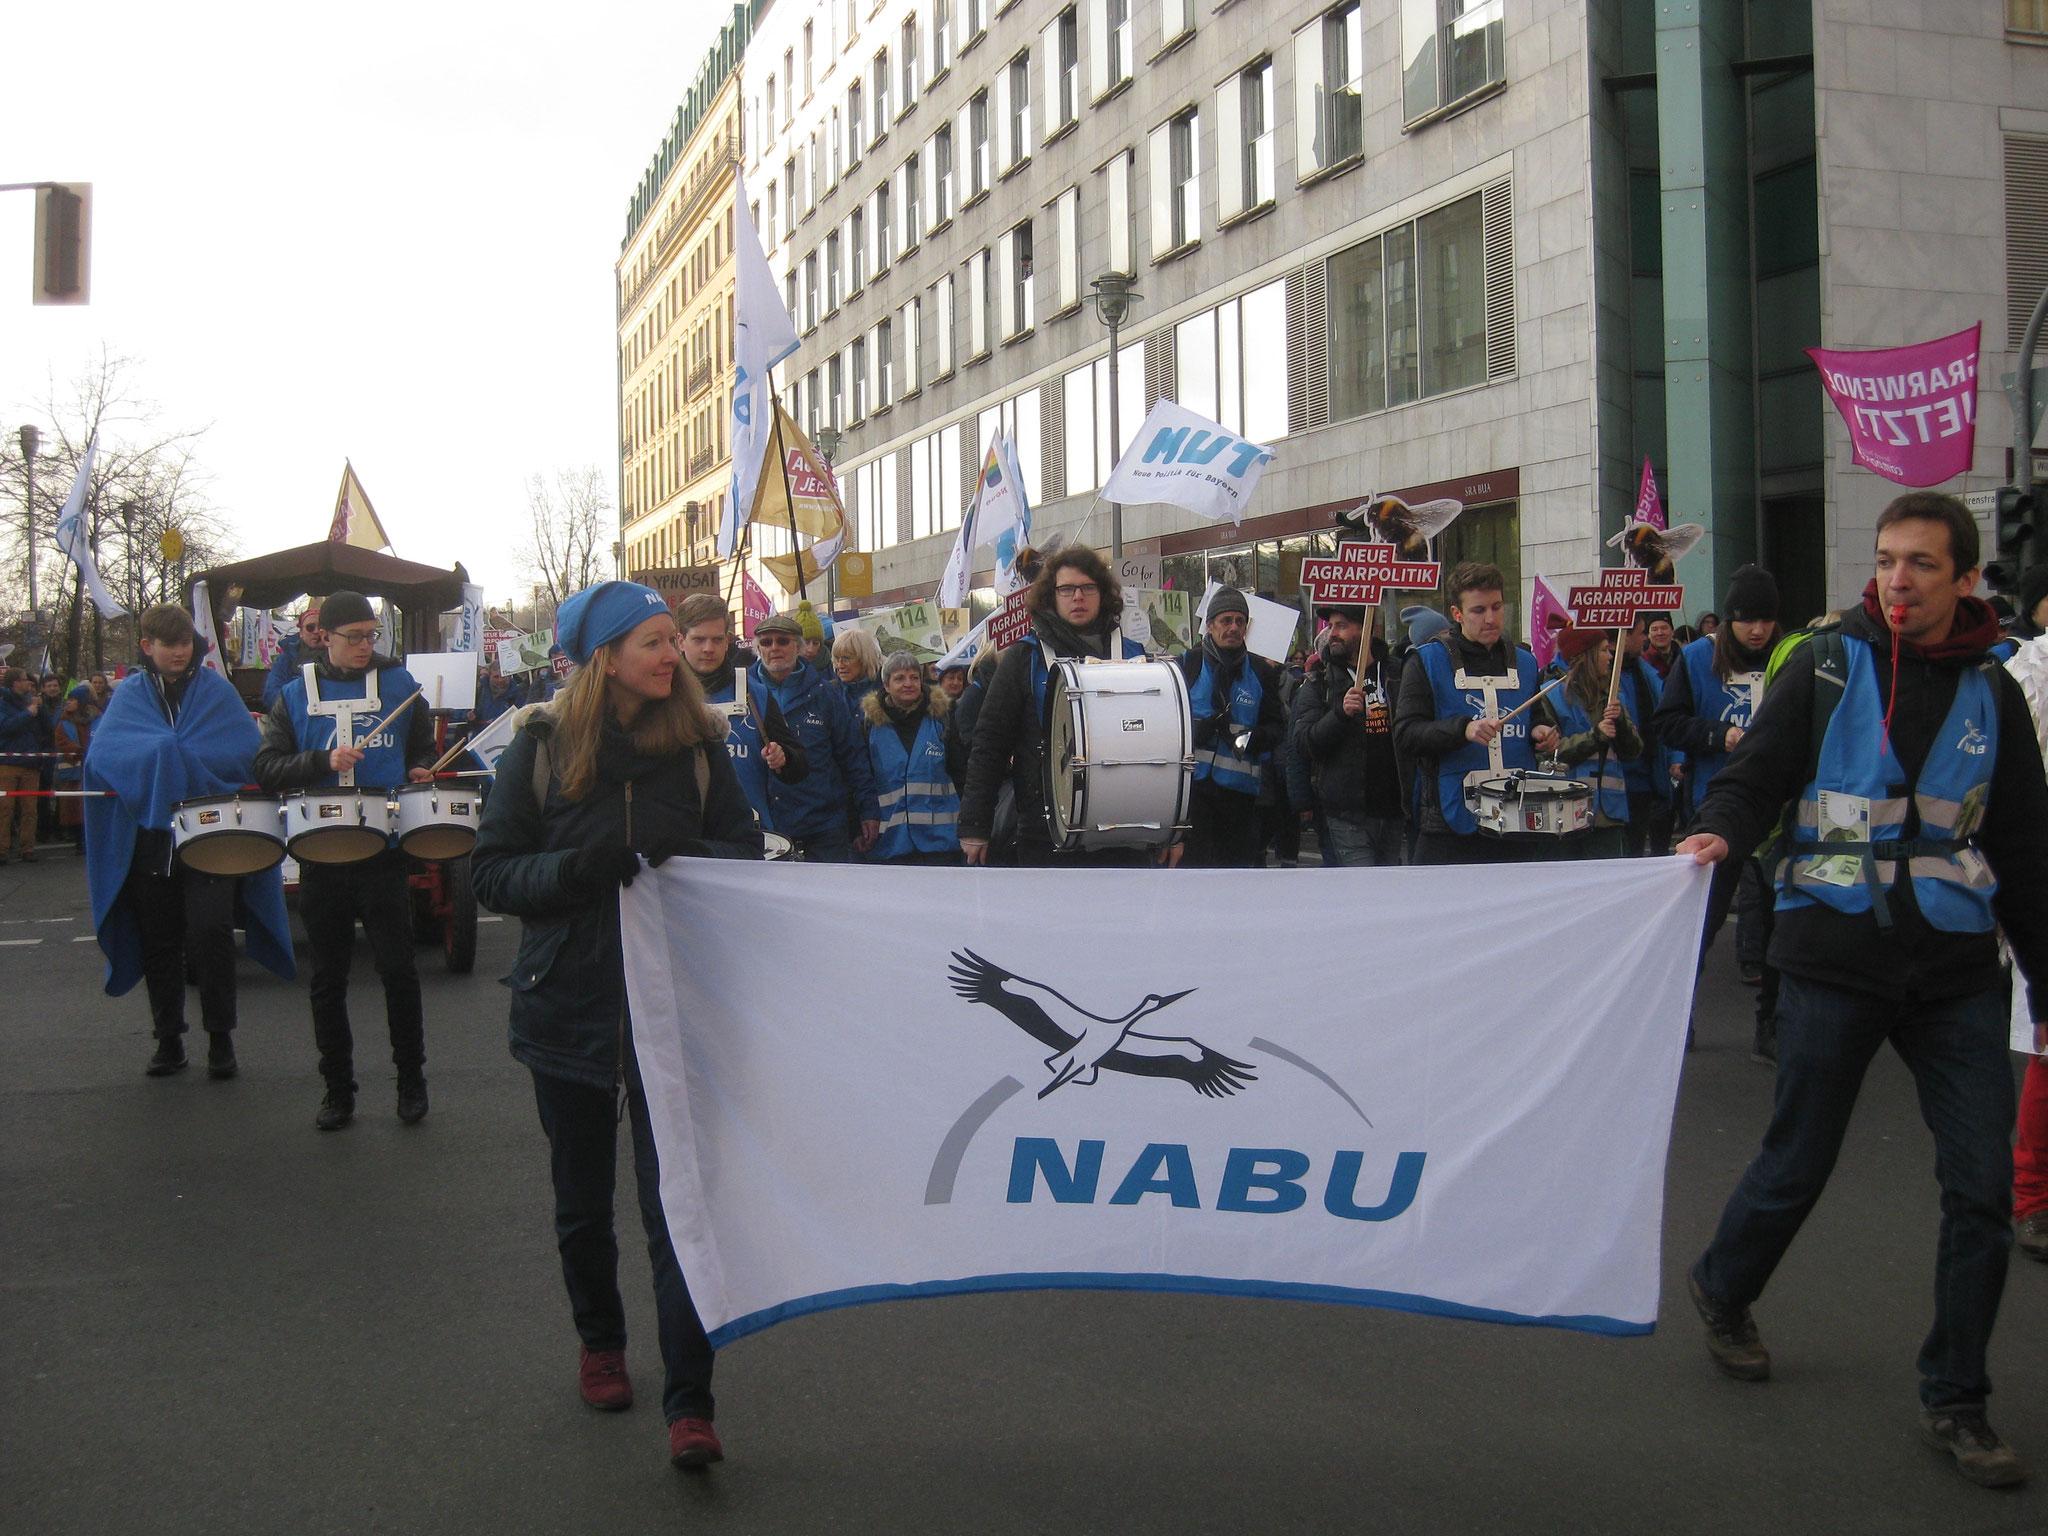 Foto: NABU/F. Diebrok